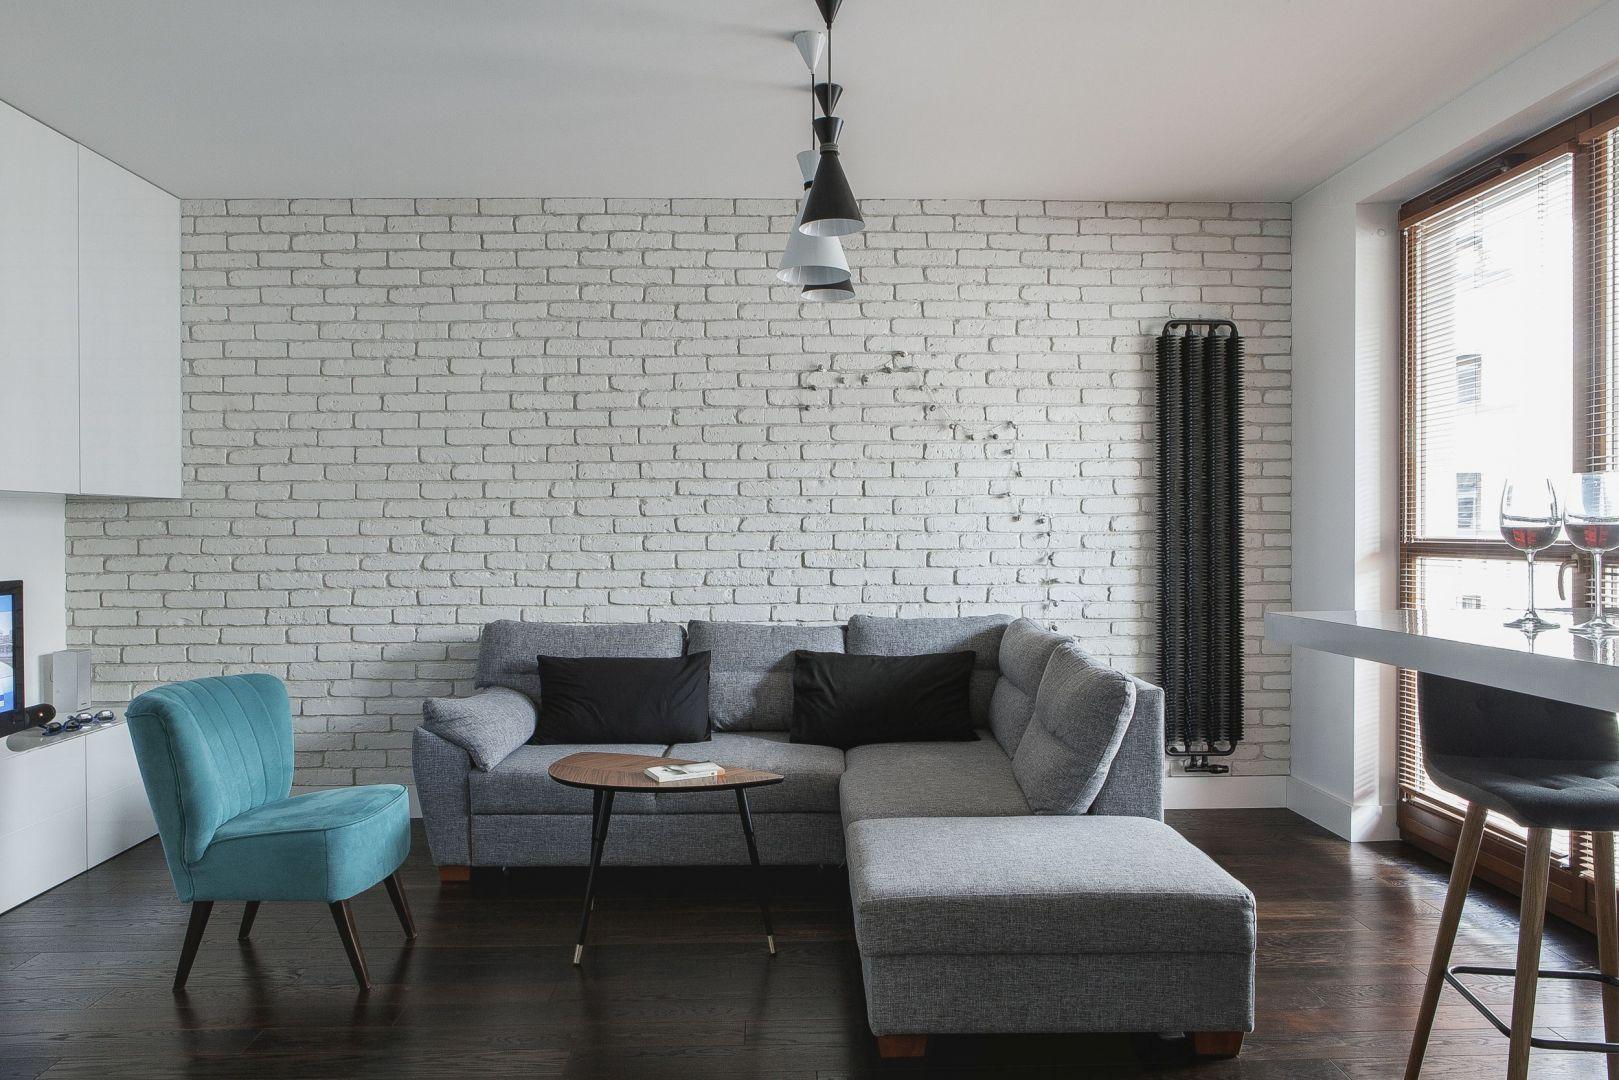 Ścianę za kanapą w salonie wykończono cegłą w białym kolorze. Projekt: MAFgroup. Fot. Emi Karpowicz